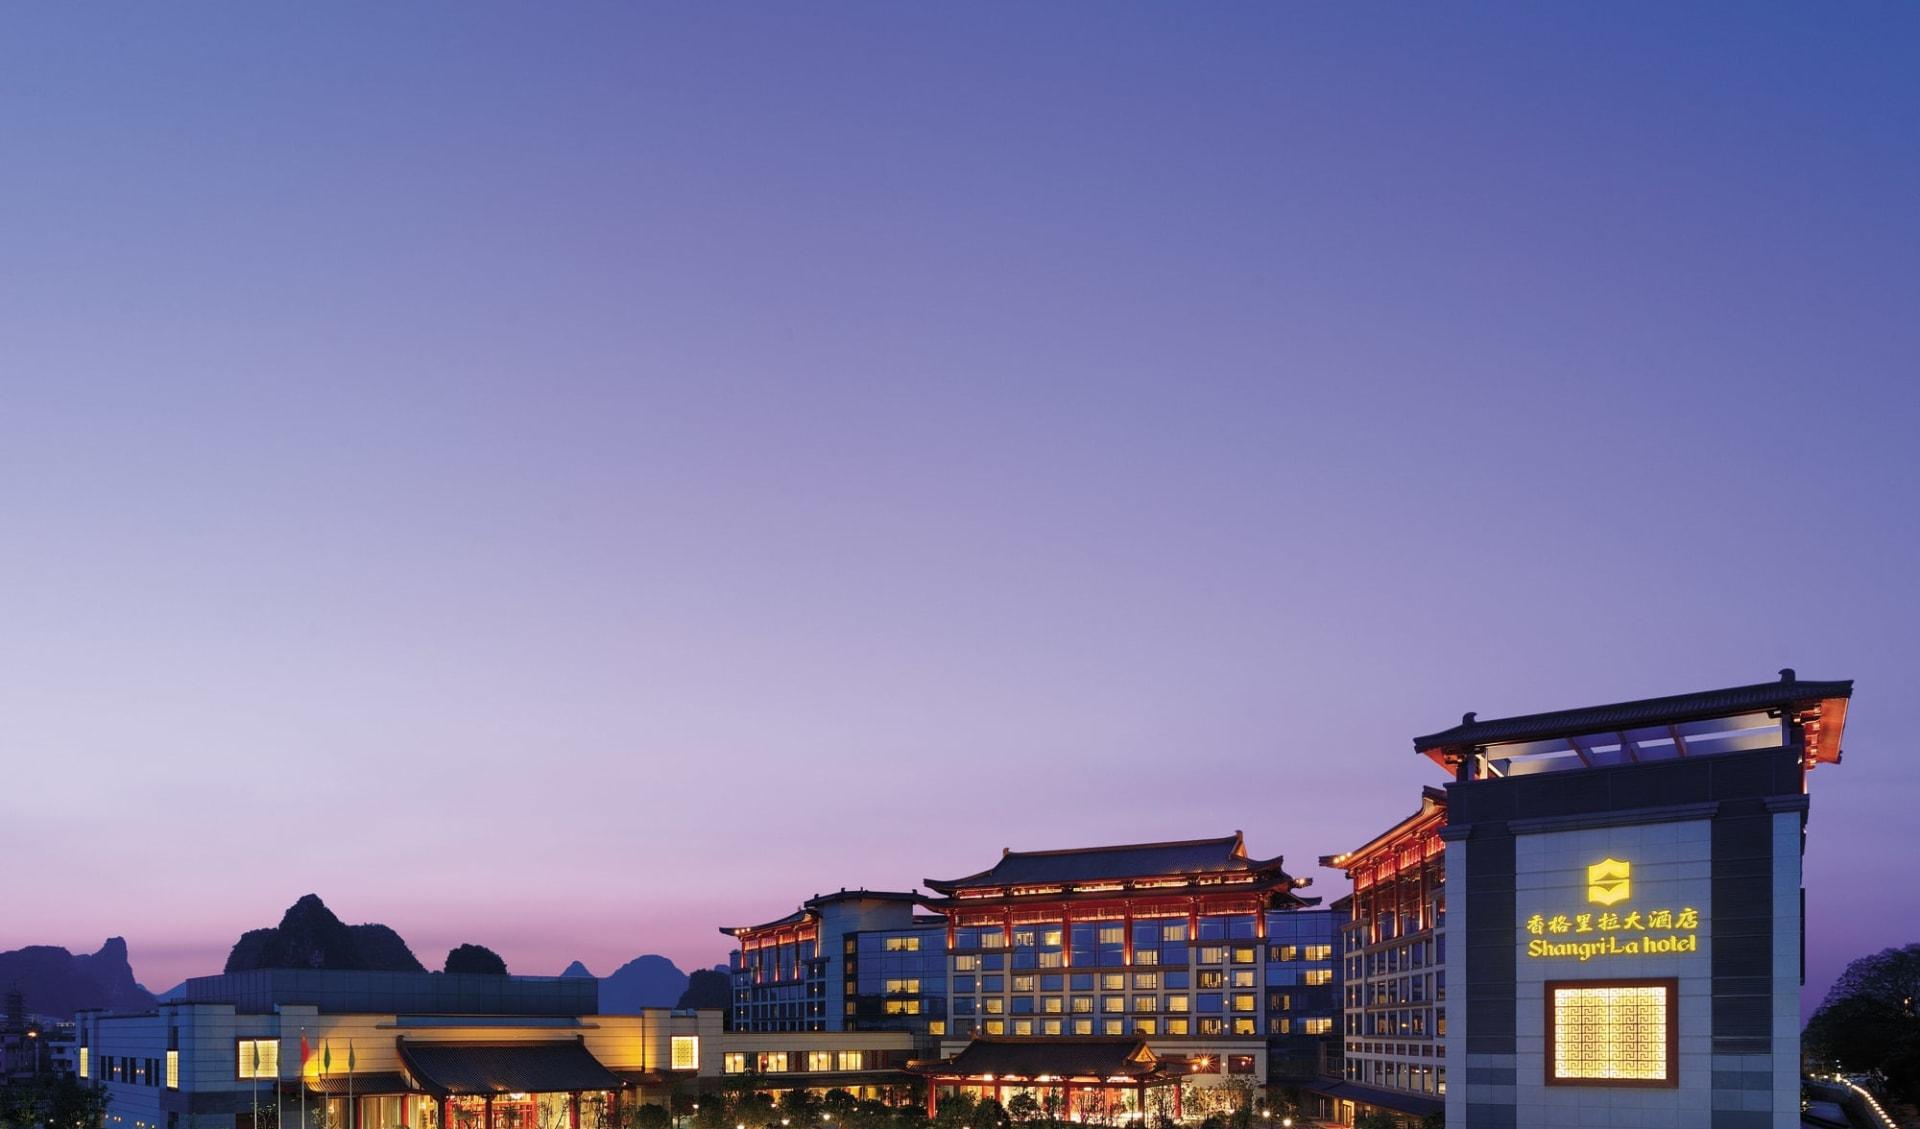 Shangri-La in Guilin: Exterior Nightshot